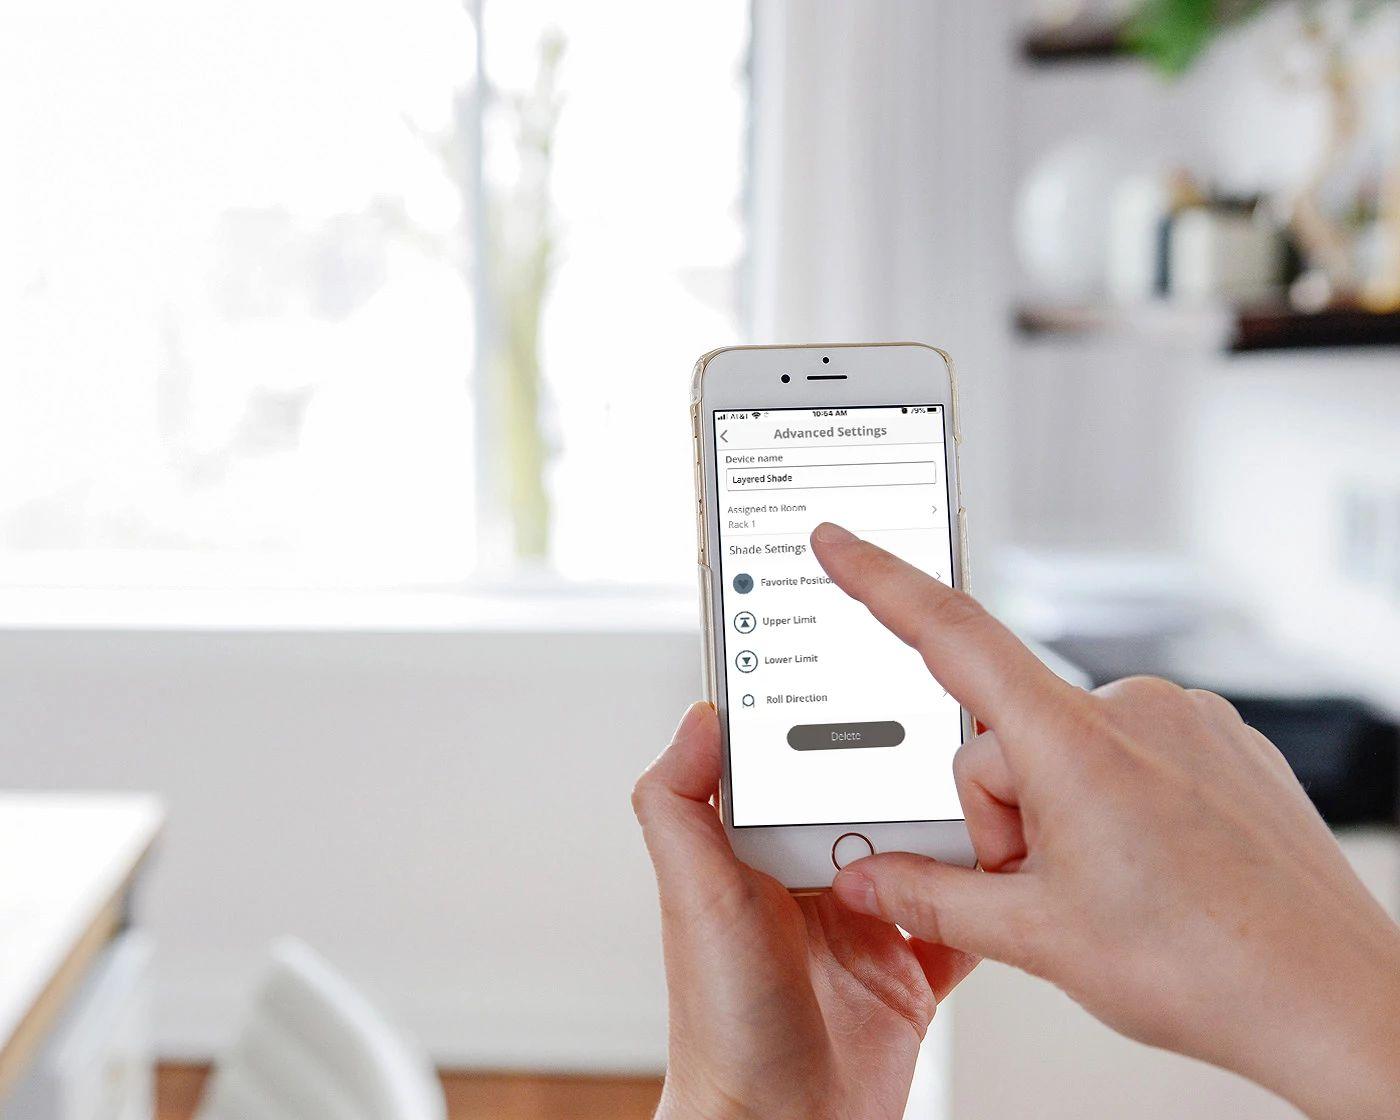 bali-smart-home-app-ed18-v2.jpg